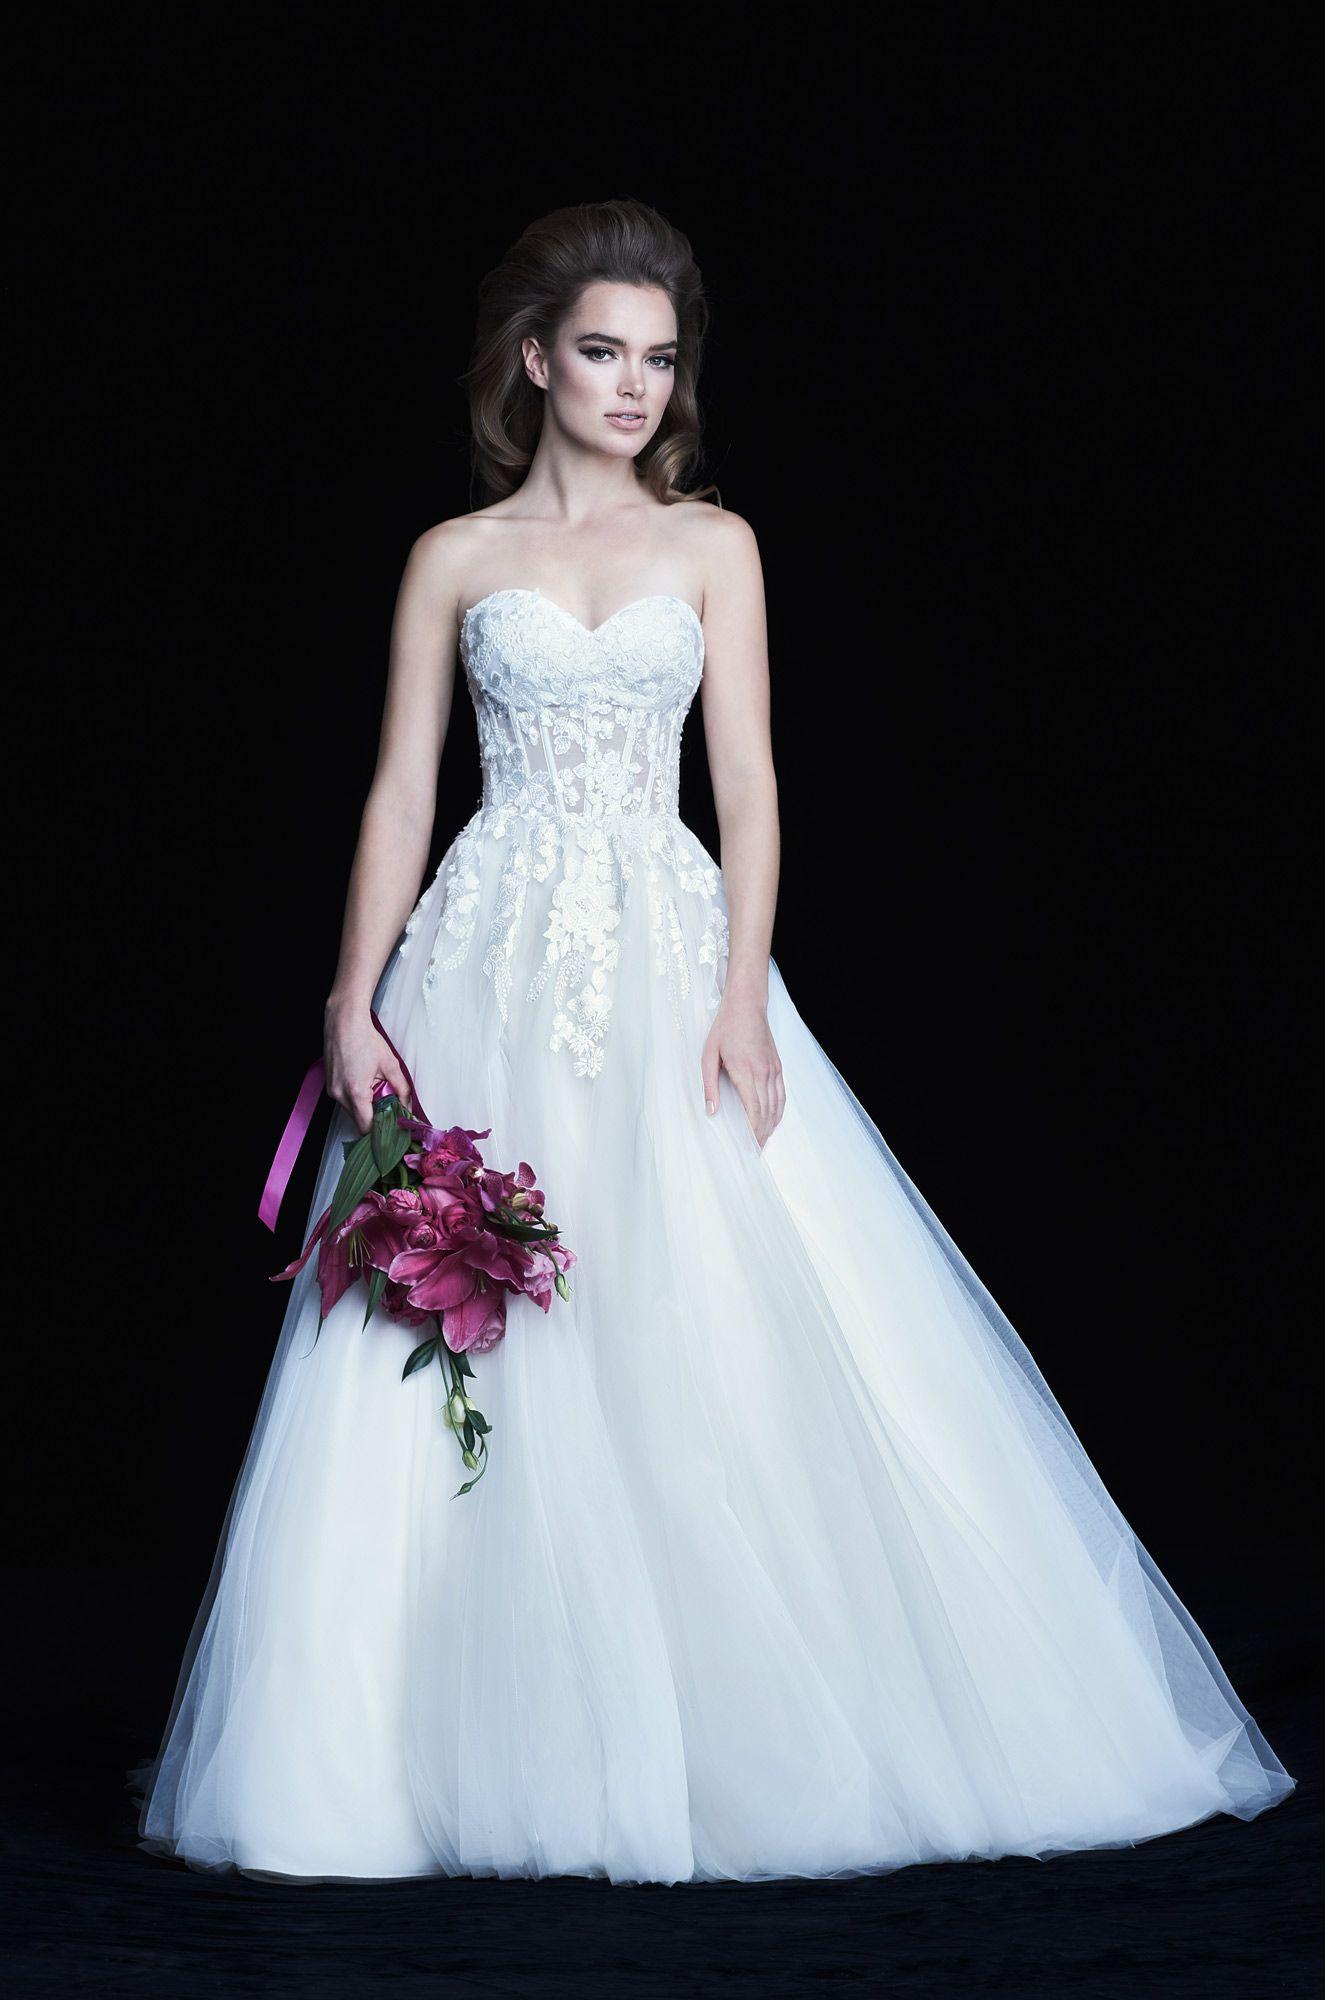 Corset Top Wedding Dress - Style #4759 | Wedding dress and Weddings